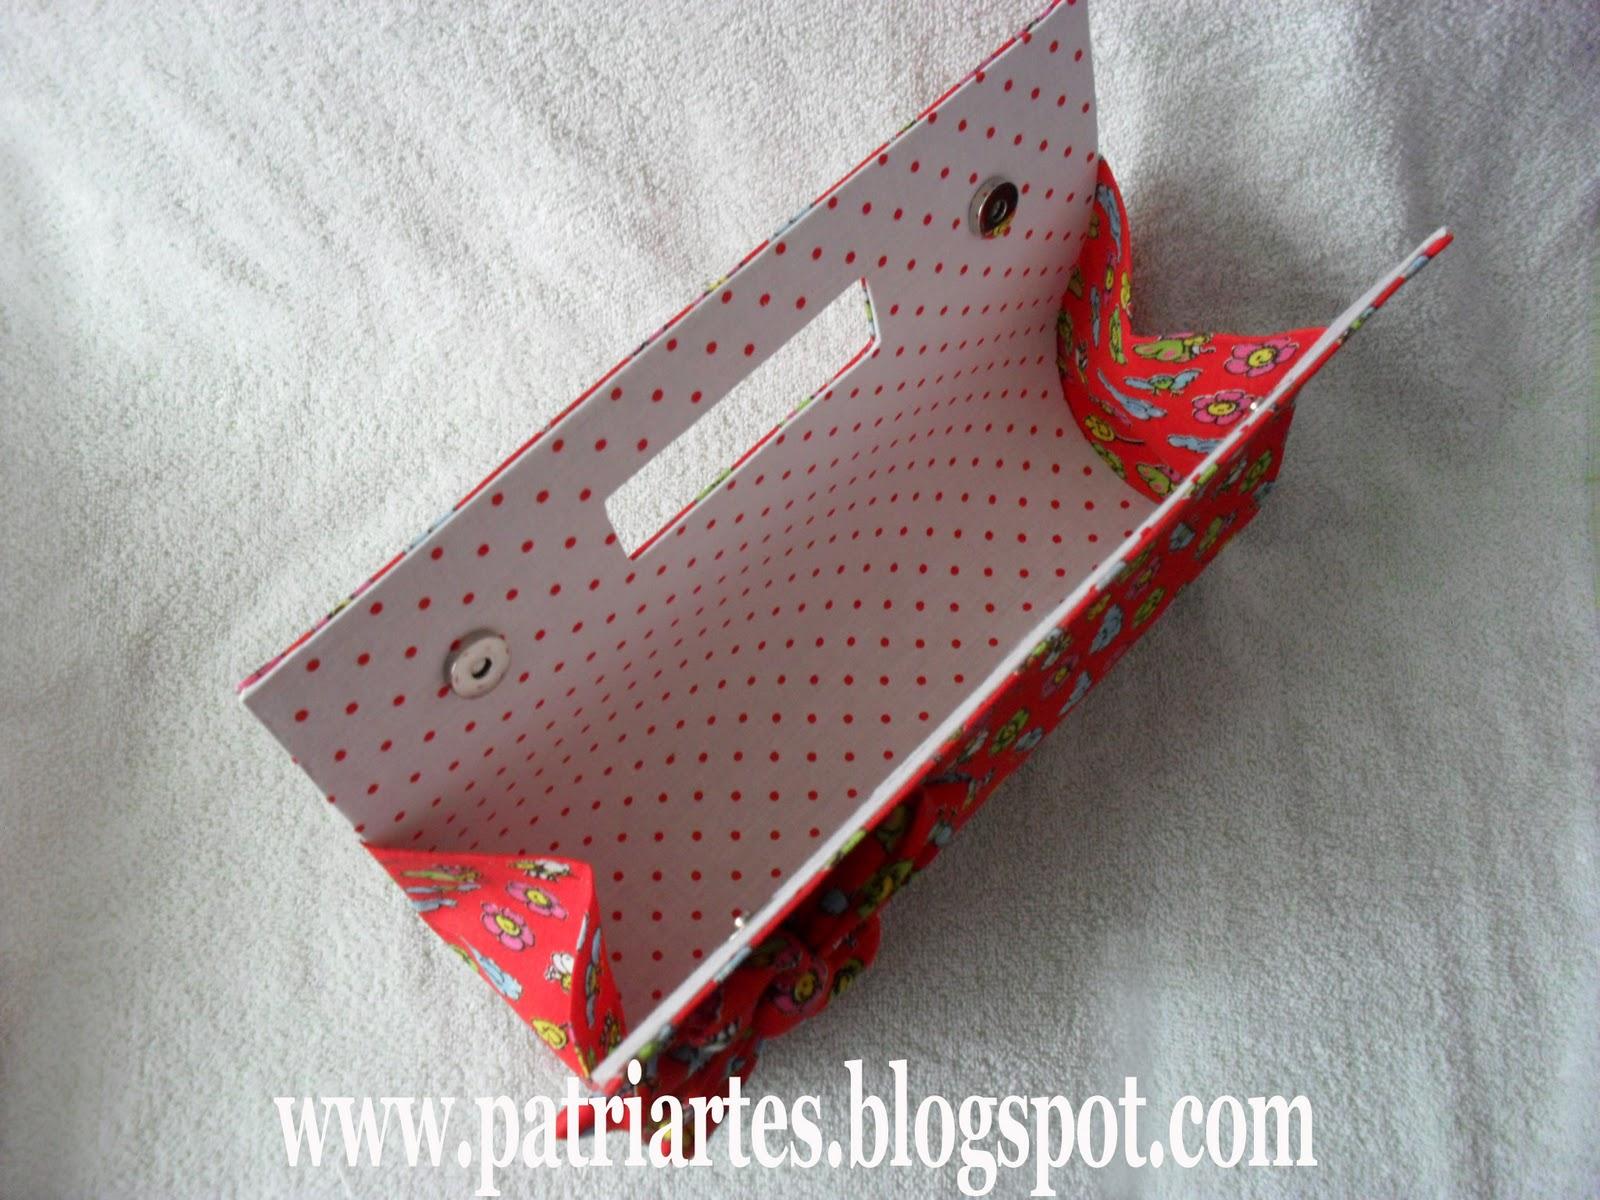 Bolsa Em Cartonagem Medidas : Patri artes bolsa em cartonagem